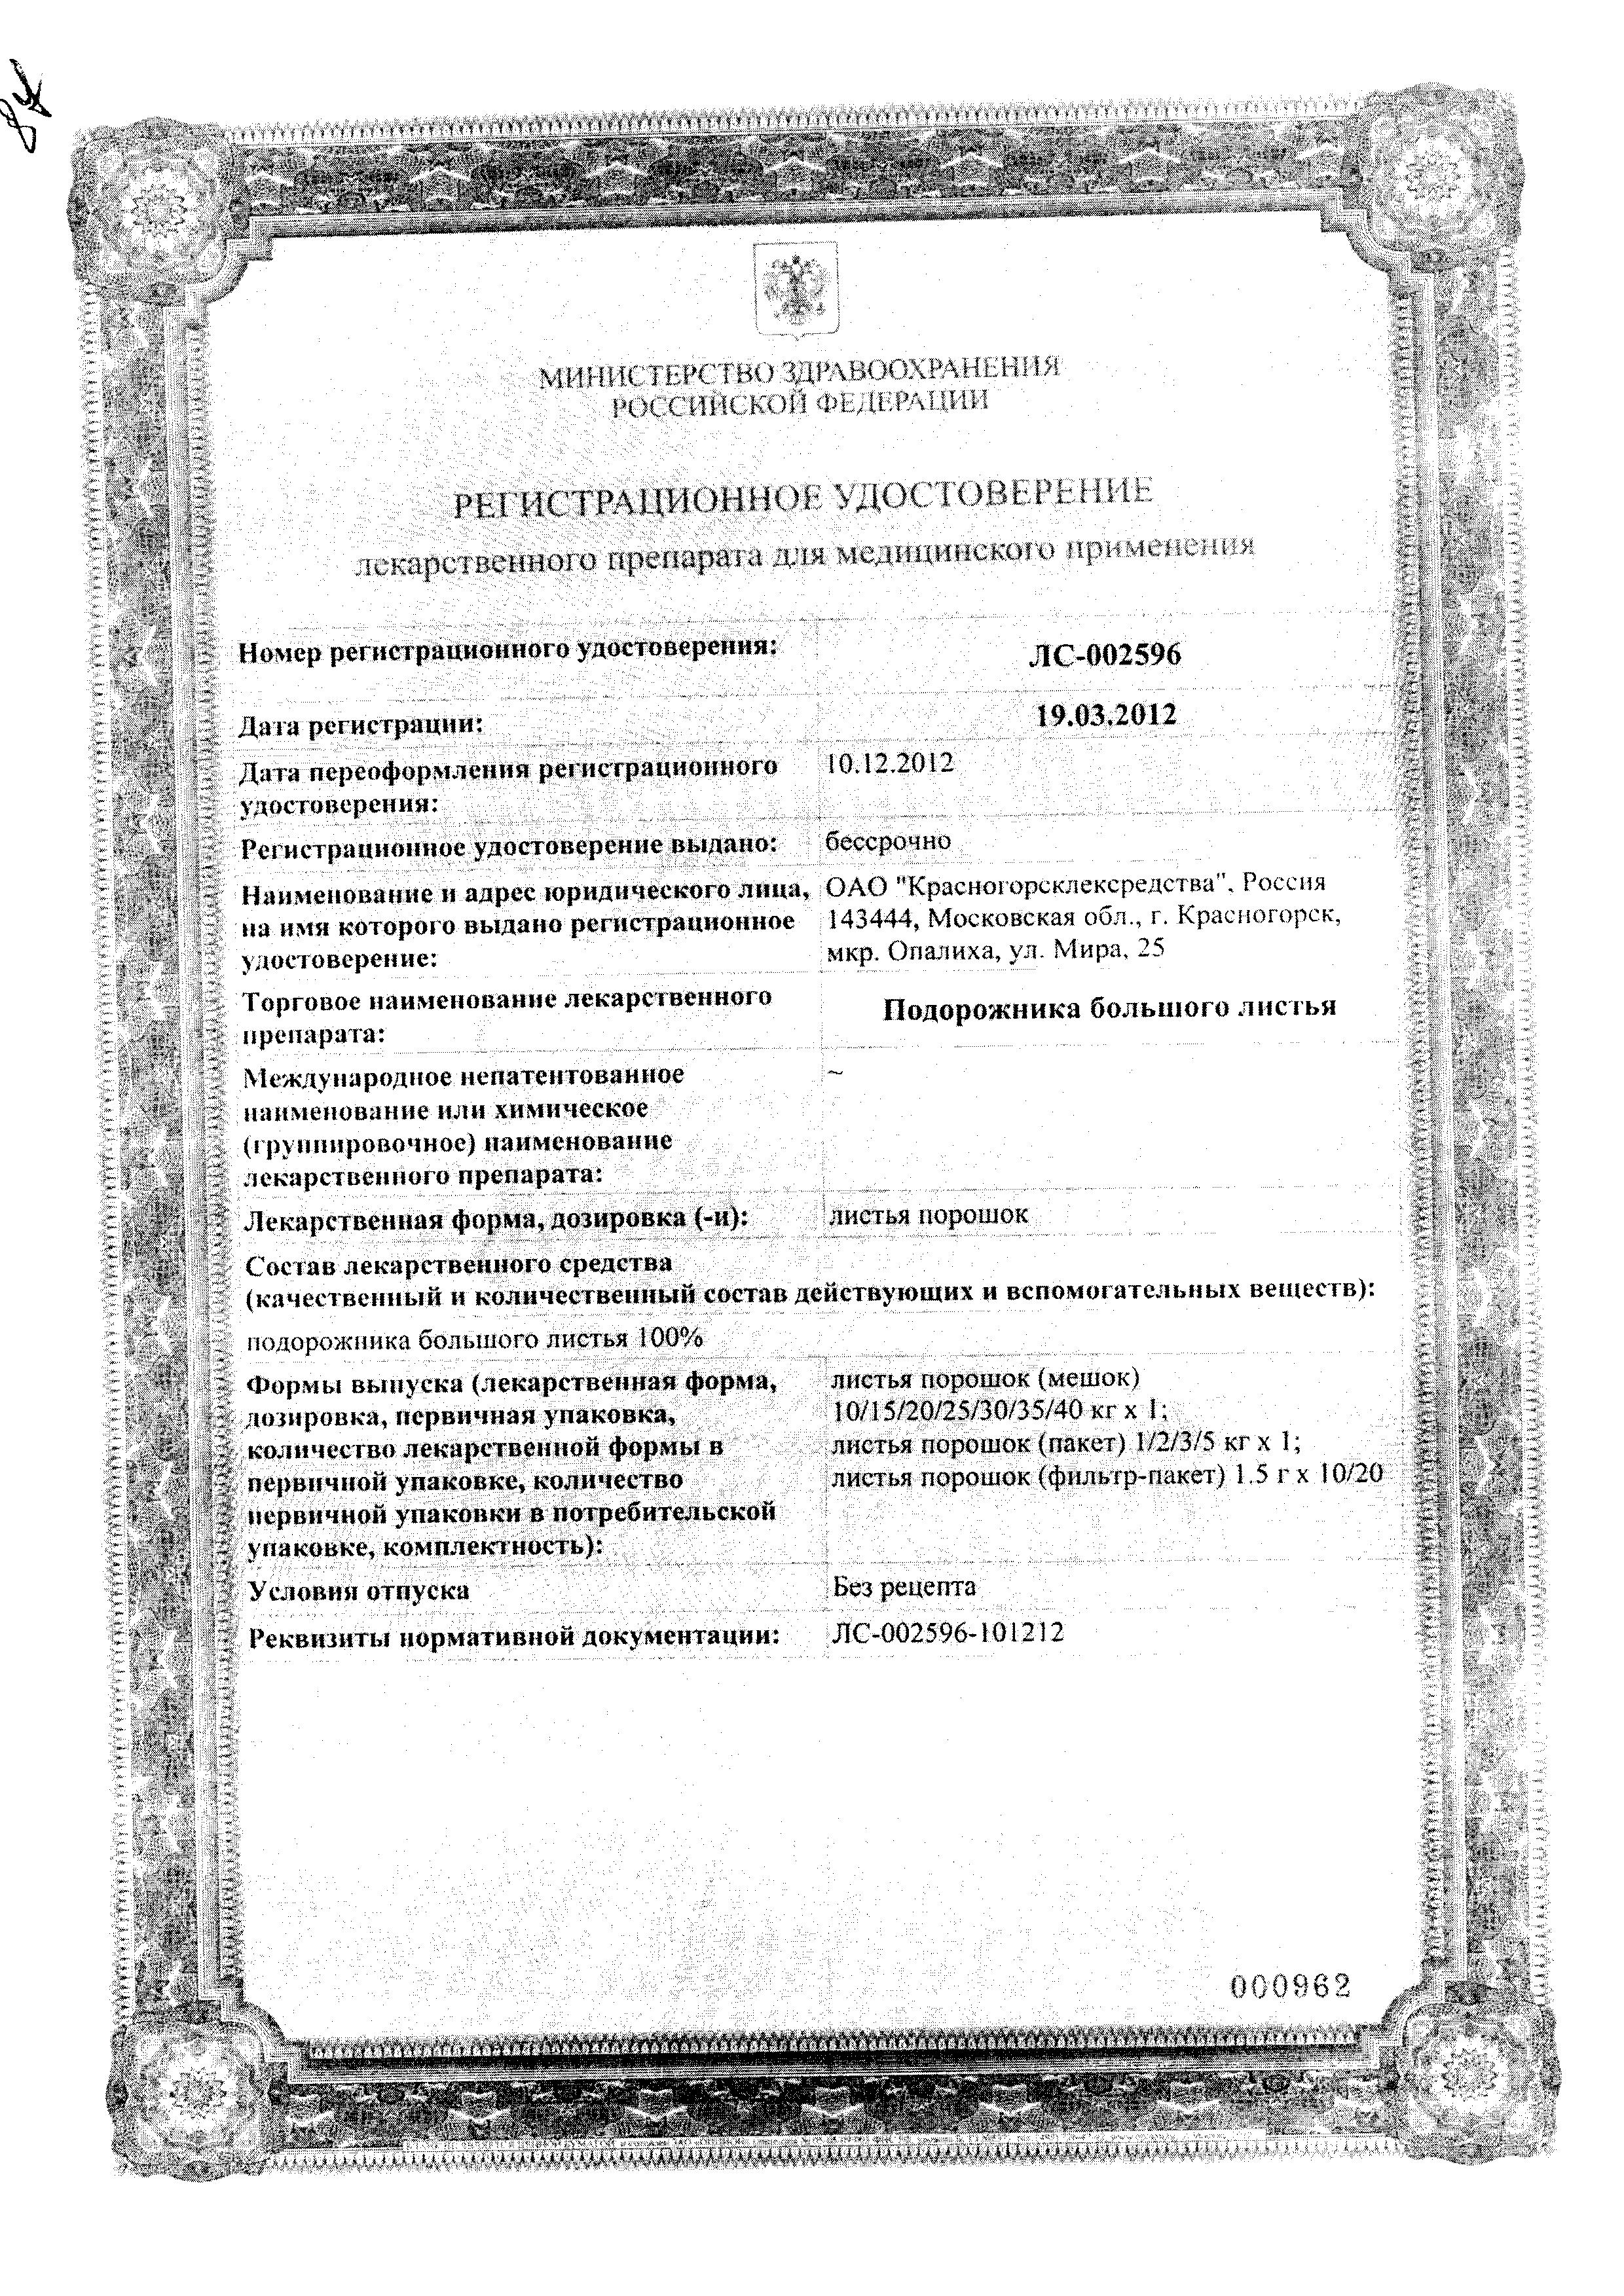 Подорожника большого листья сертификат